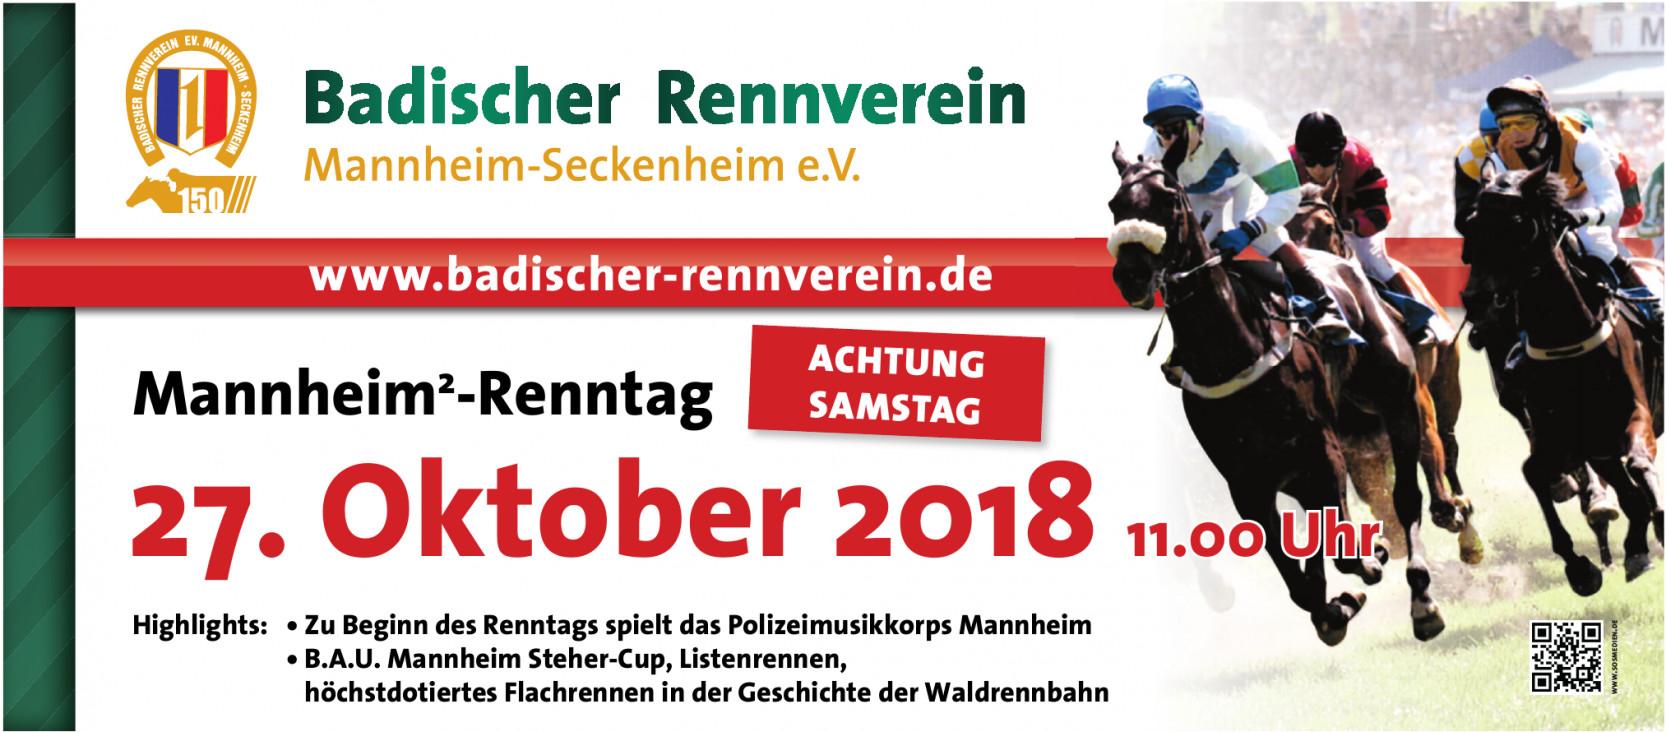 Badischer Rennverein Mannheim-Seckenheim e.V.